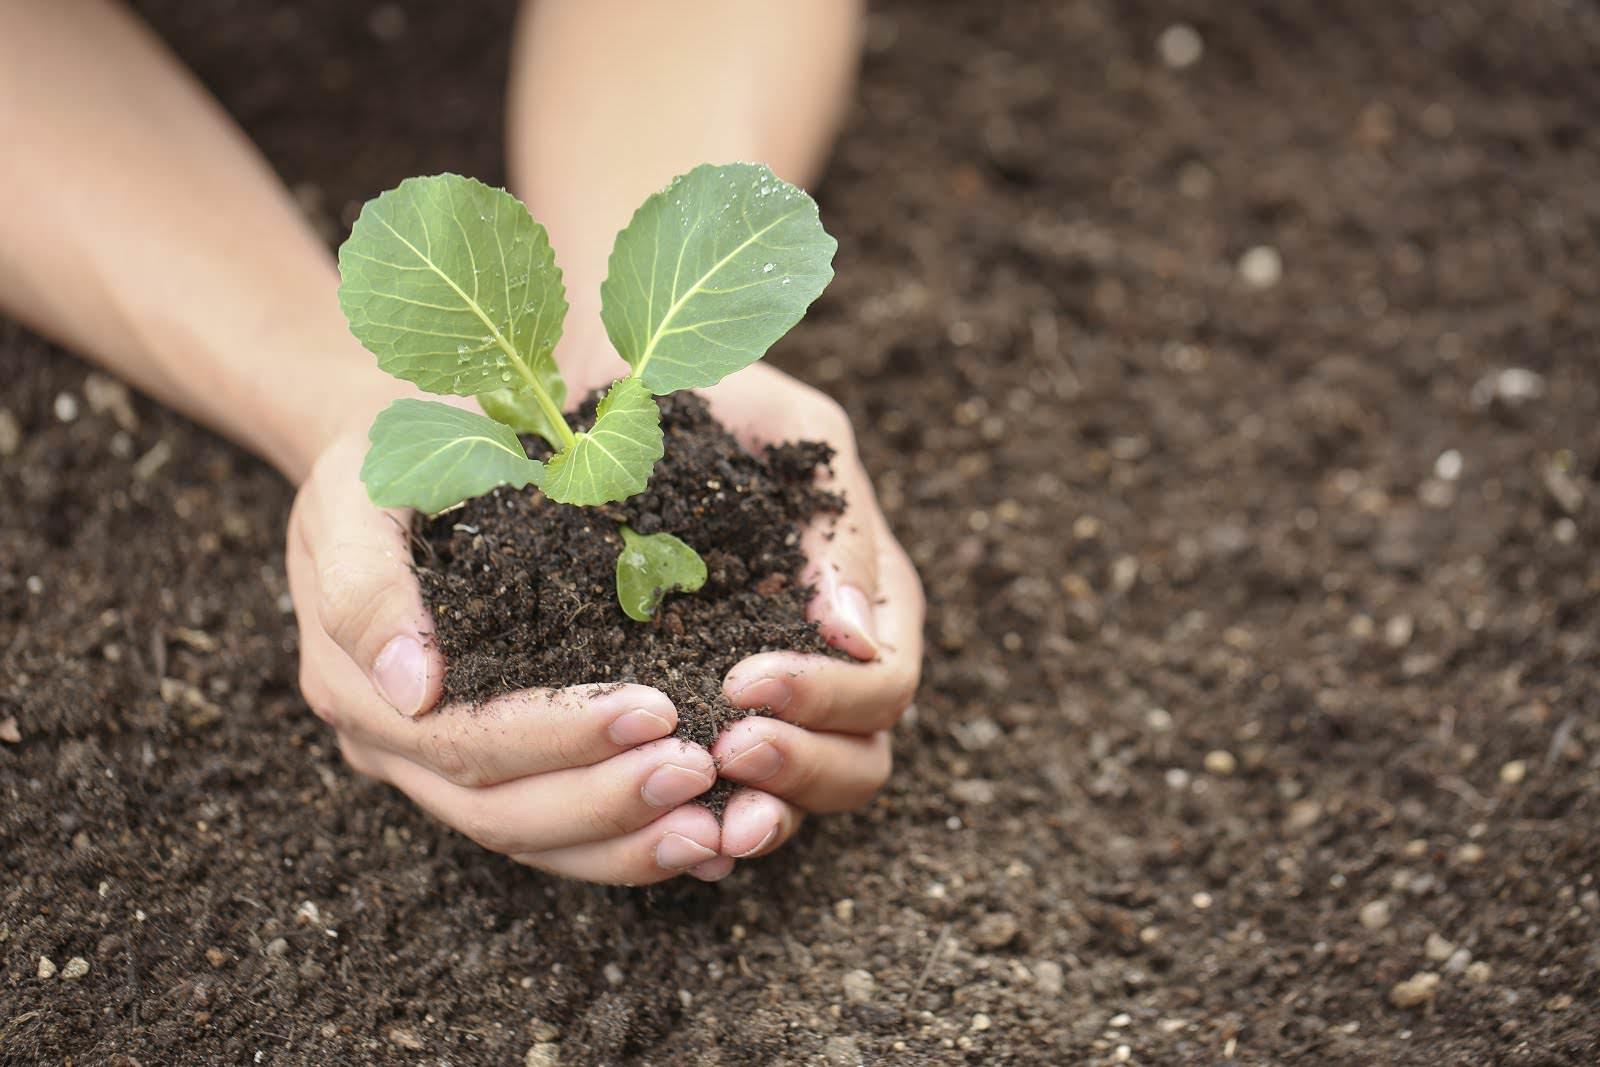 Существуют общепринятые принципы посадки рассады, которые пришли к нам ещё от бабушек и дедушек